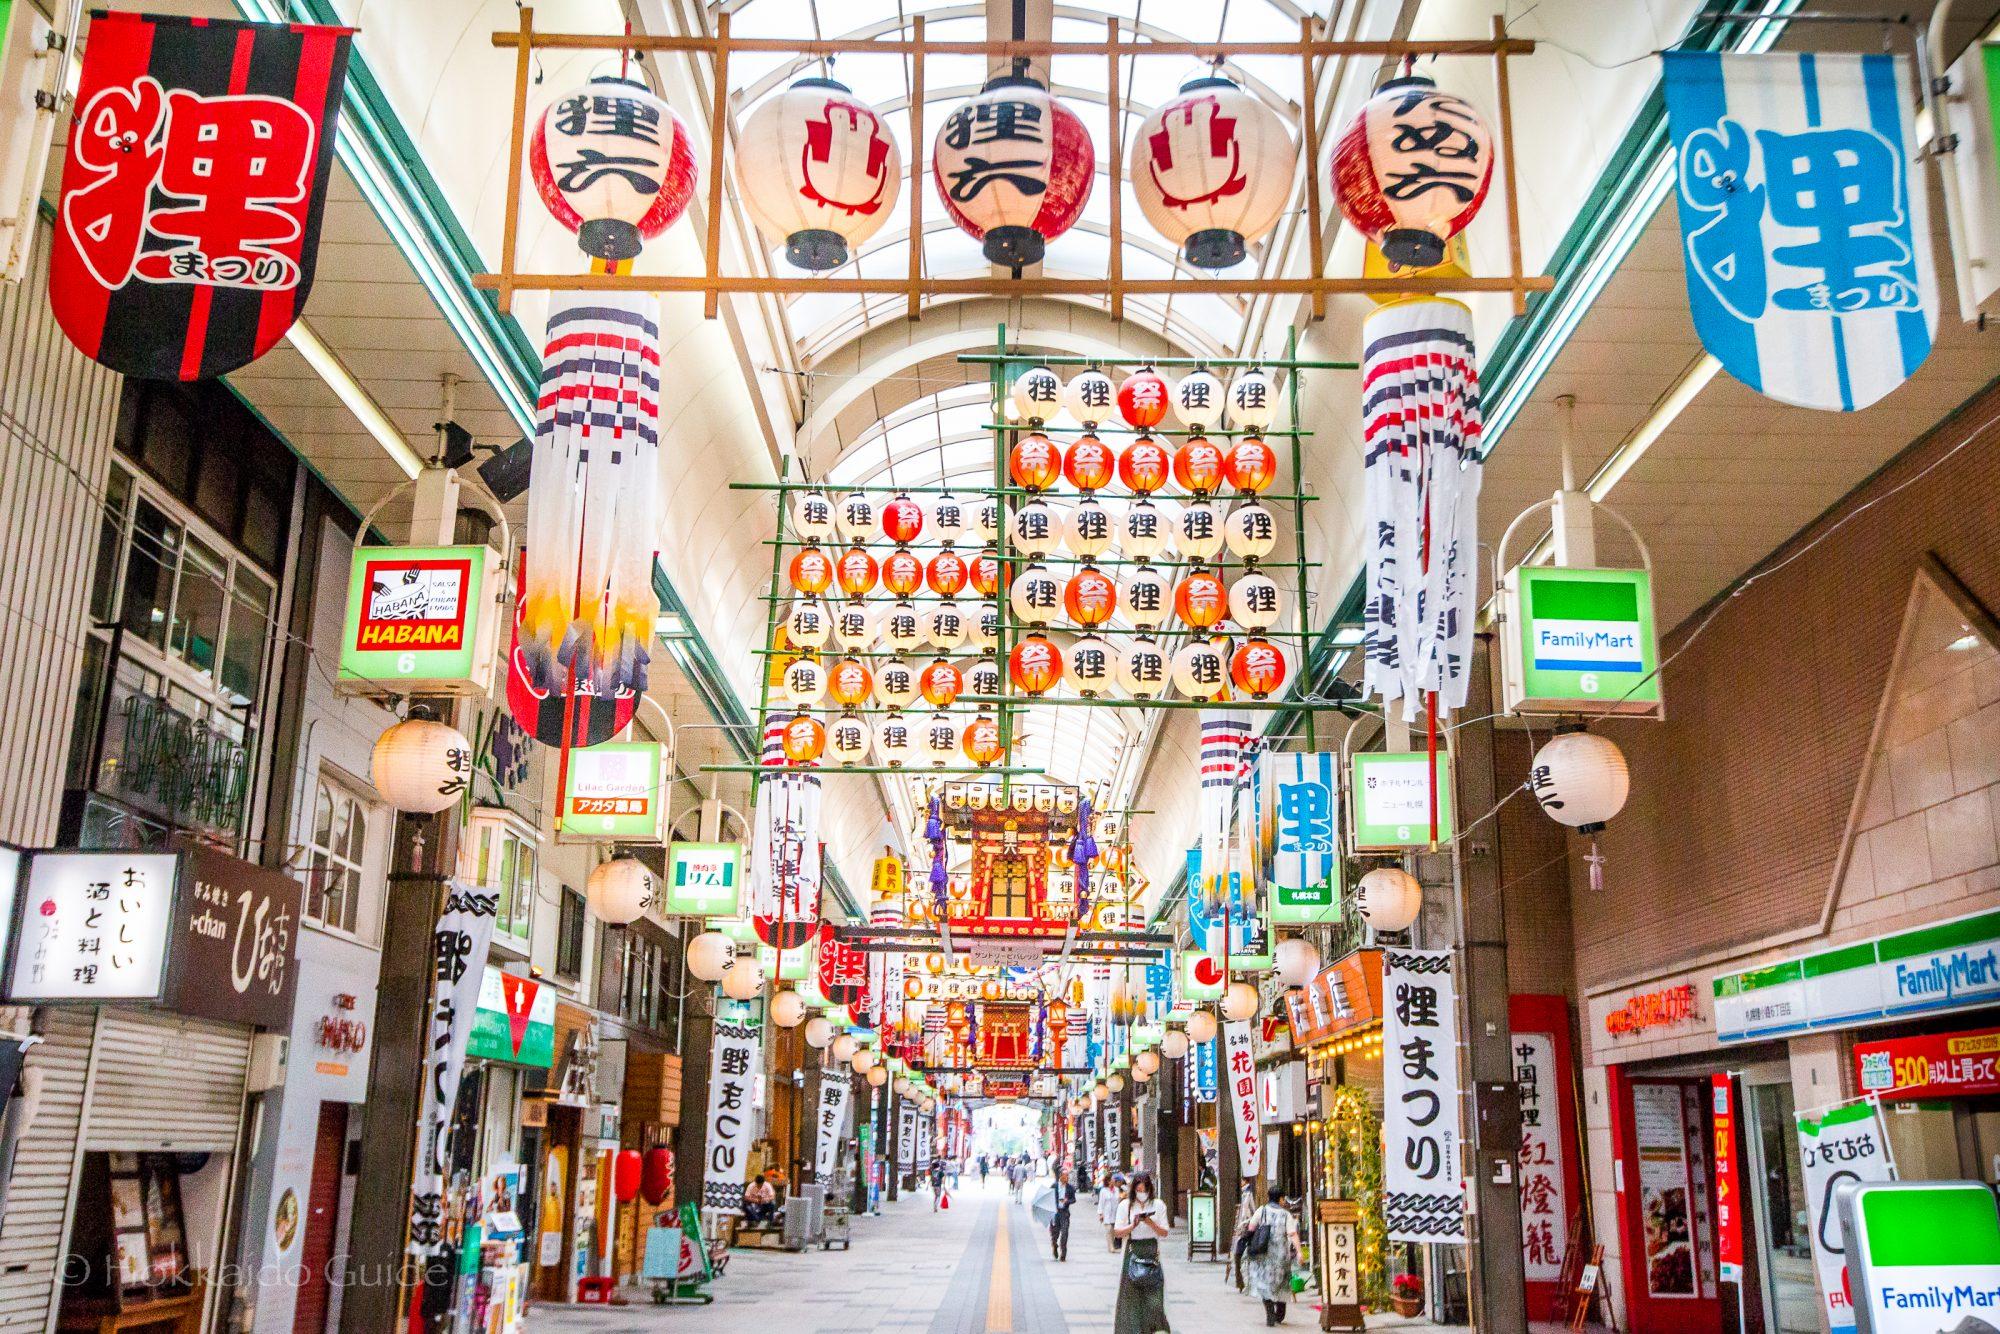 狸小路商店街祭り札幌